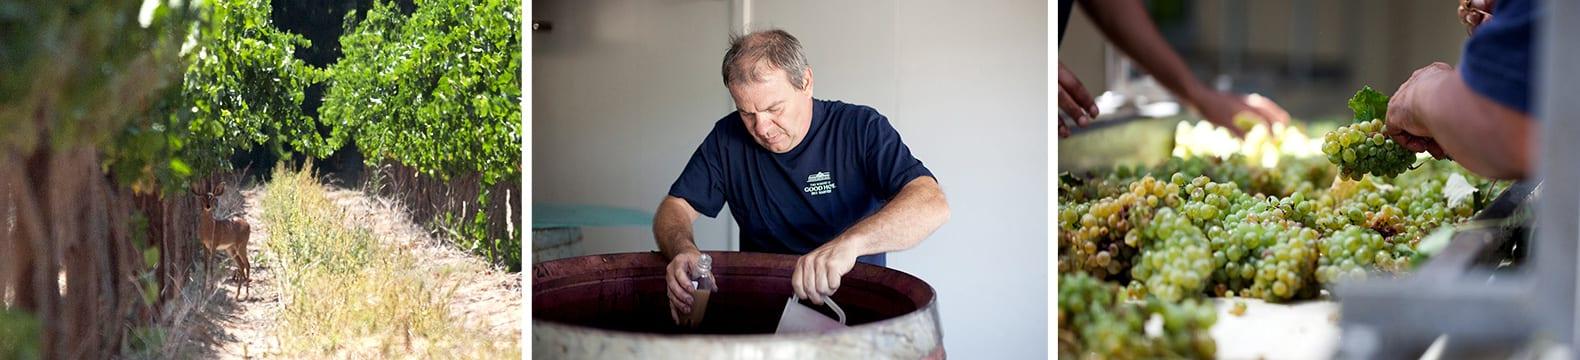 Impressionen vom Weingut Radford Dale